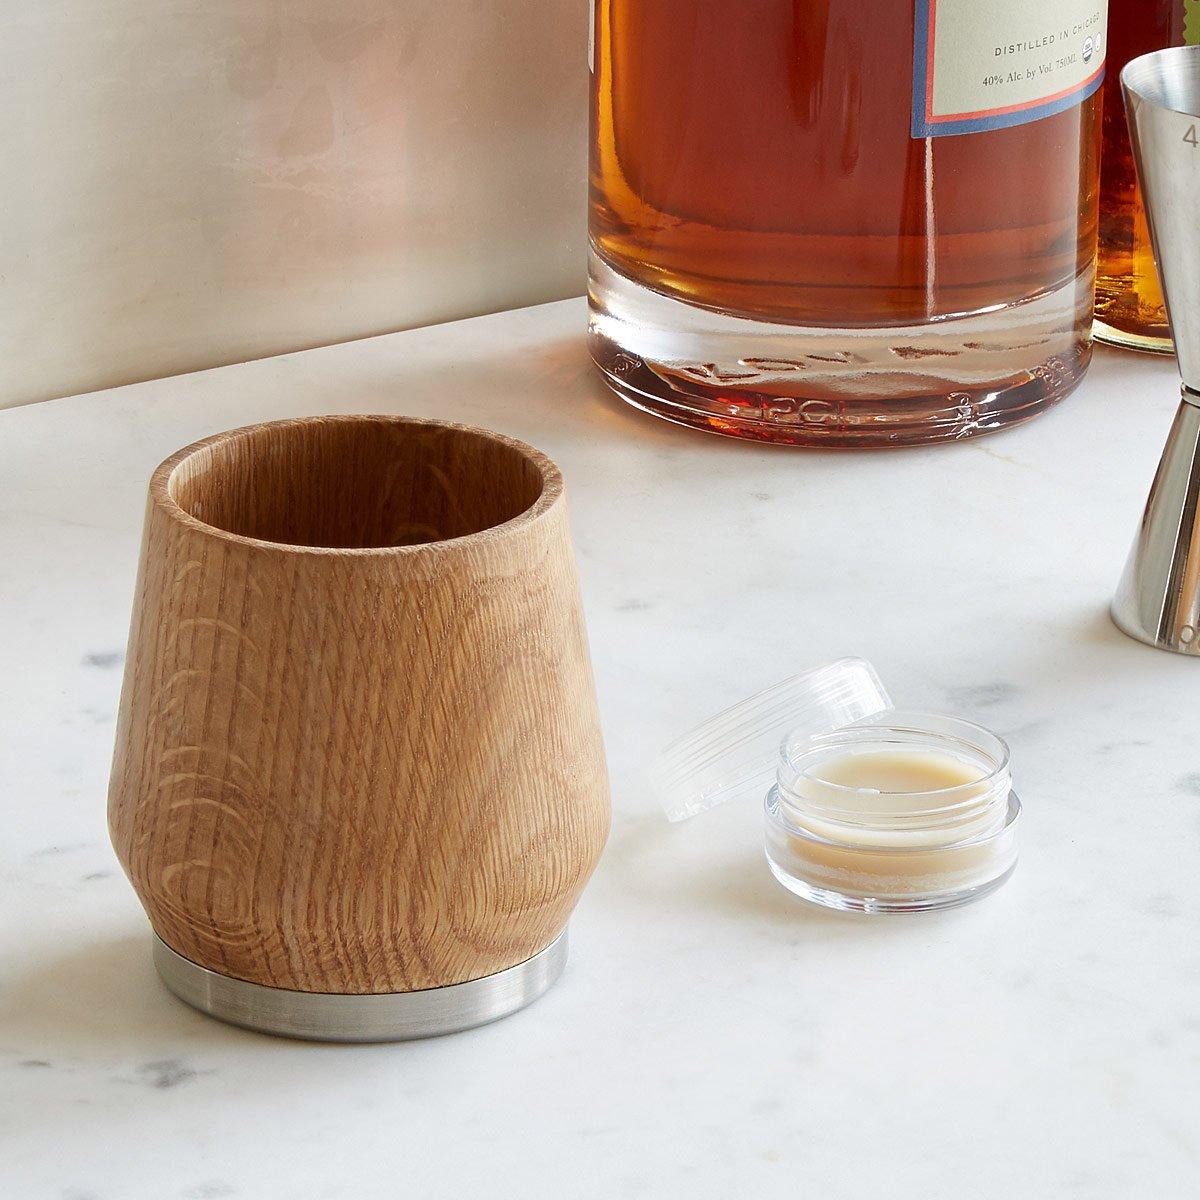 Whiskey-Enhancing Oak Honey Tumbler | UncommonGoods